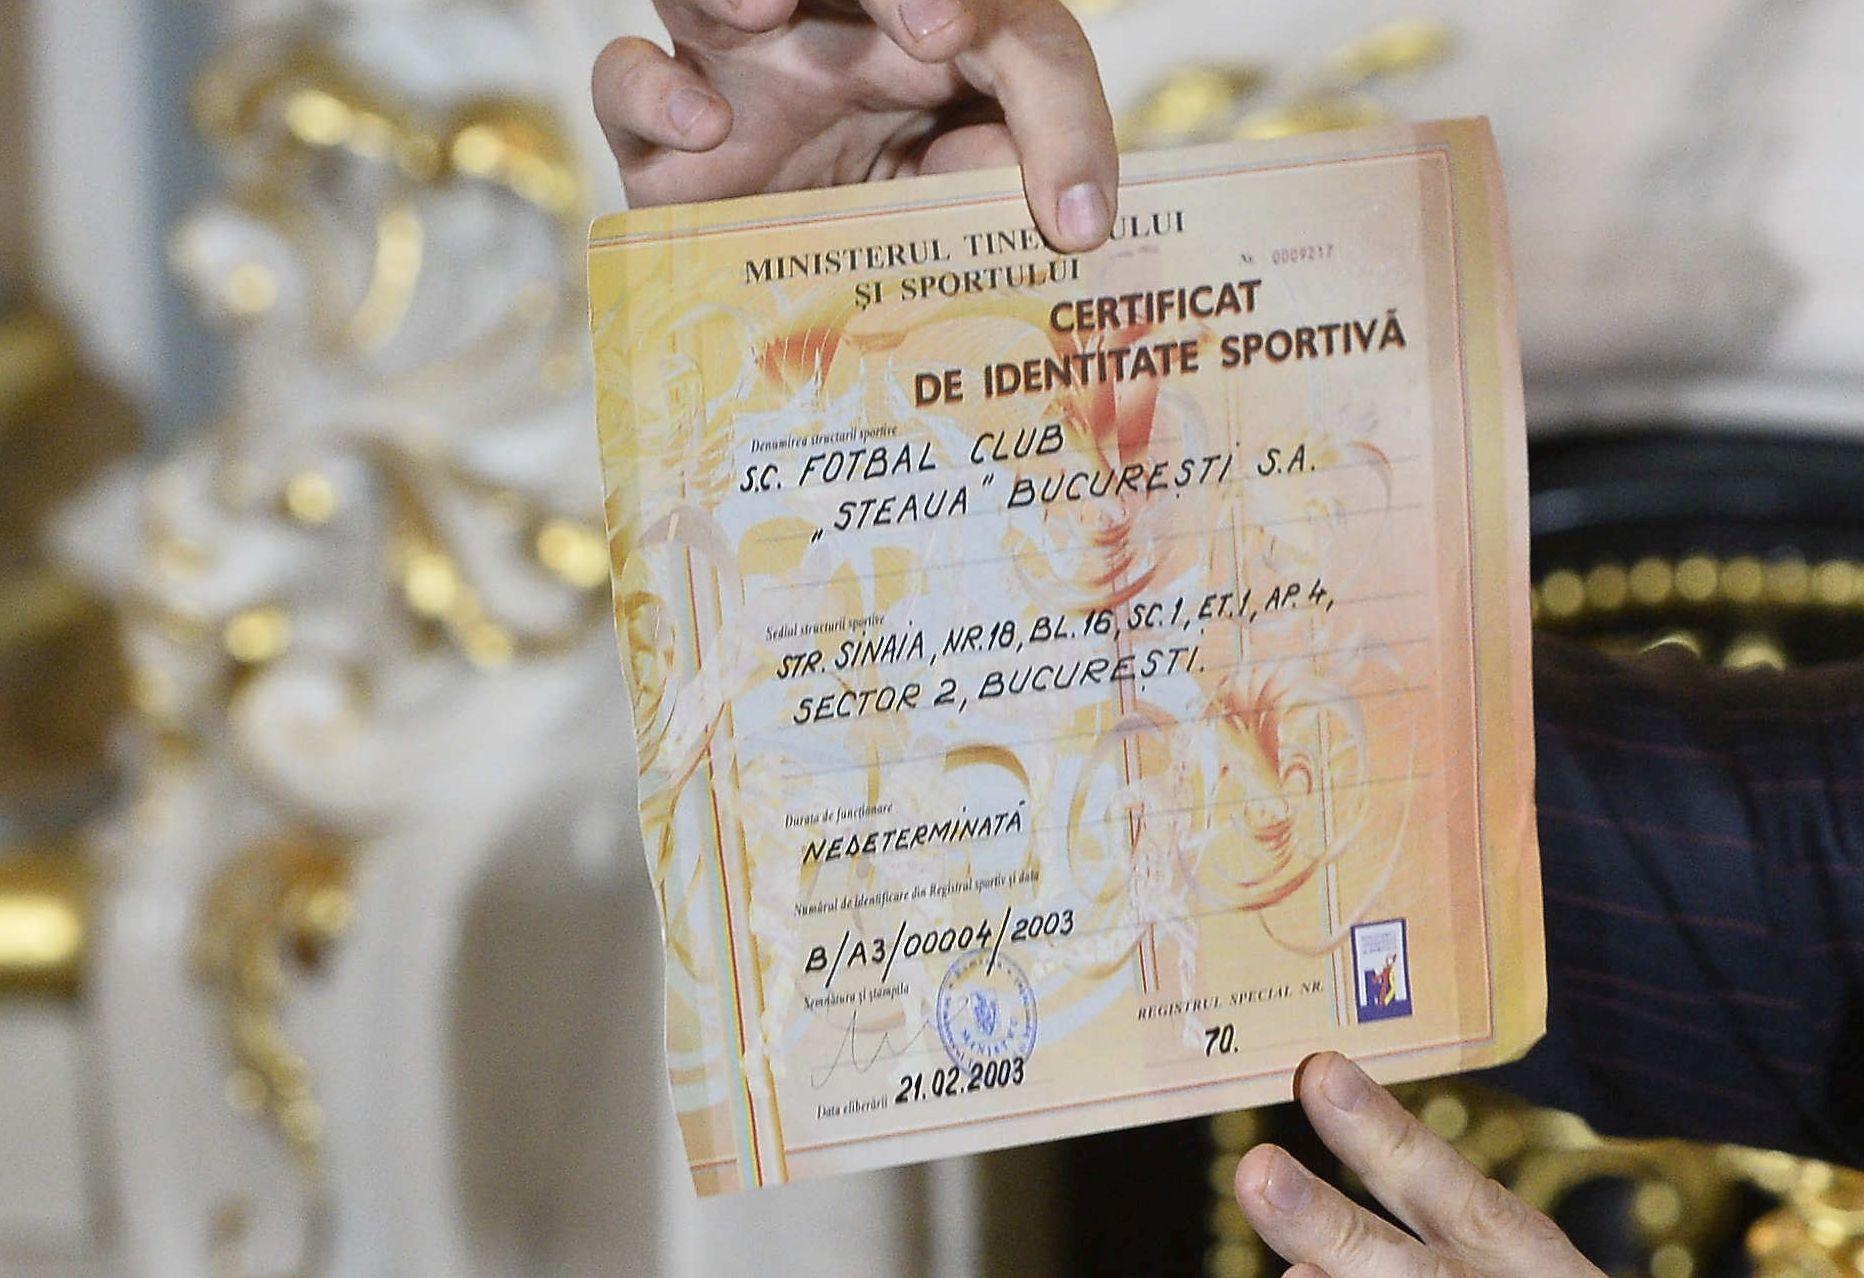 certificat de identitate sportiva FC Fcsb